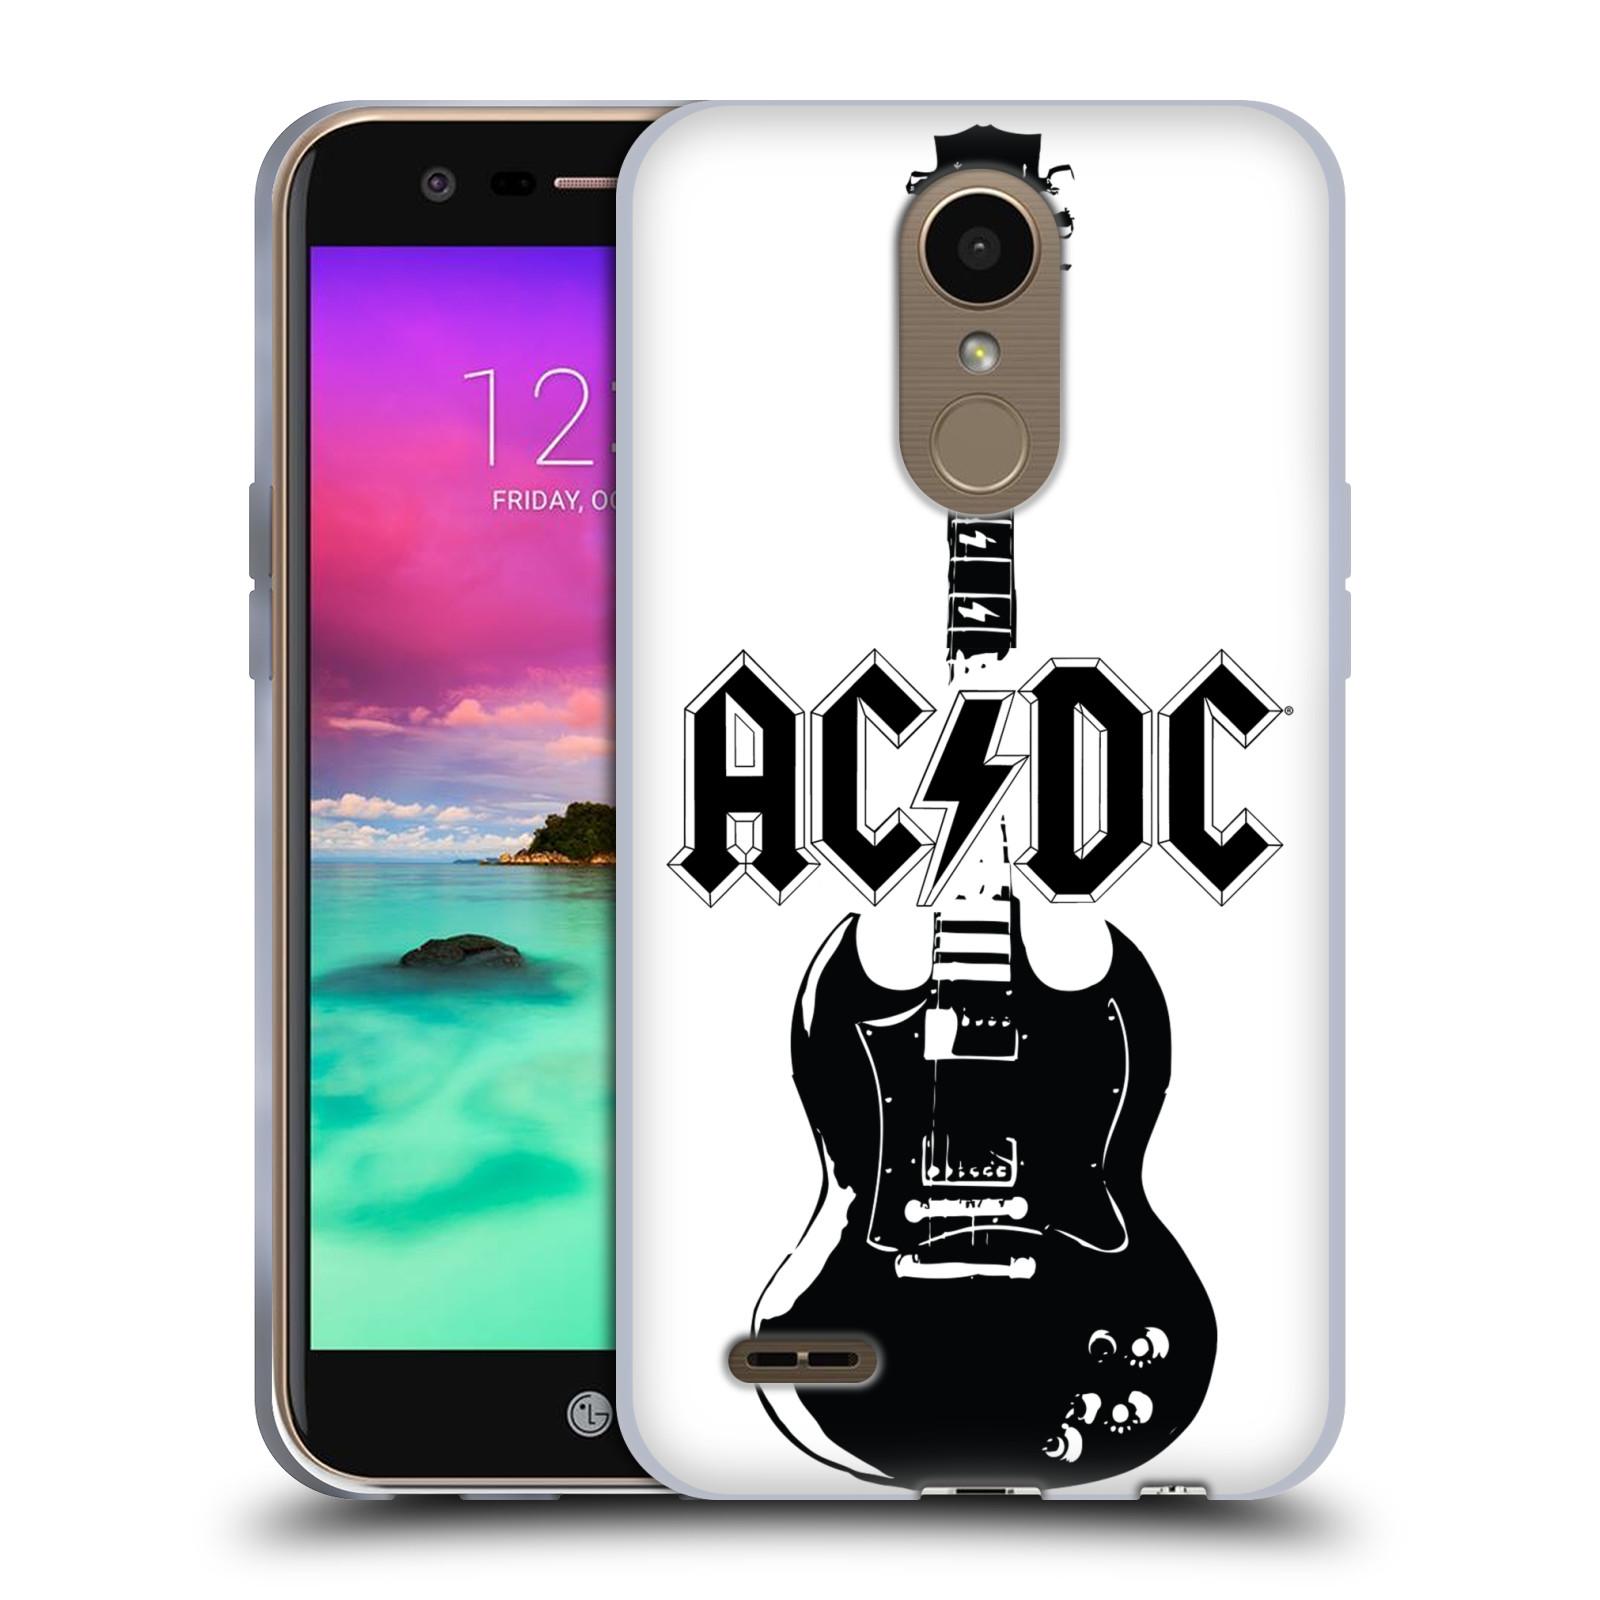 HEAD CASE silikonový obal na mobil LG K10 2017 / K10 2017 DUAL SIM rocková skupina ACDC kytara černá a bílá